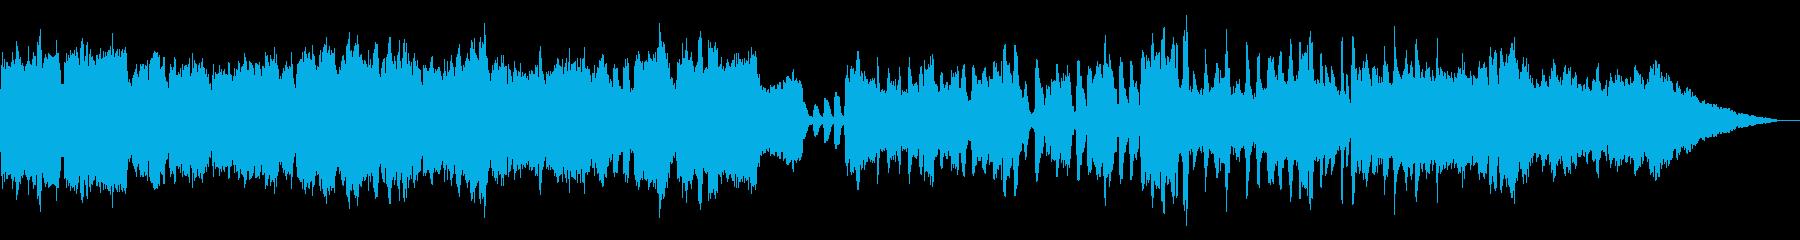 木管五重奏のさわやかBGMの再生済みの波形